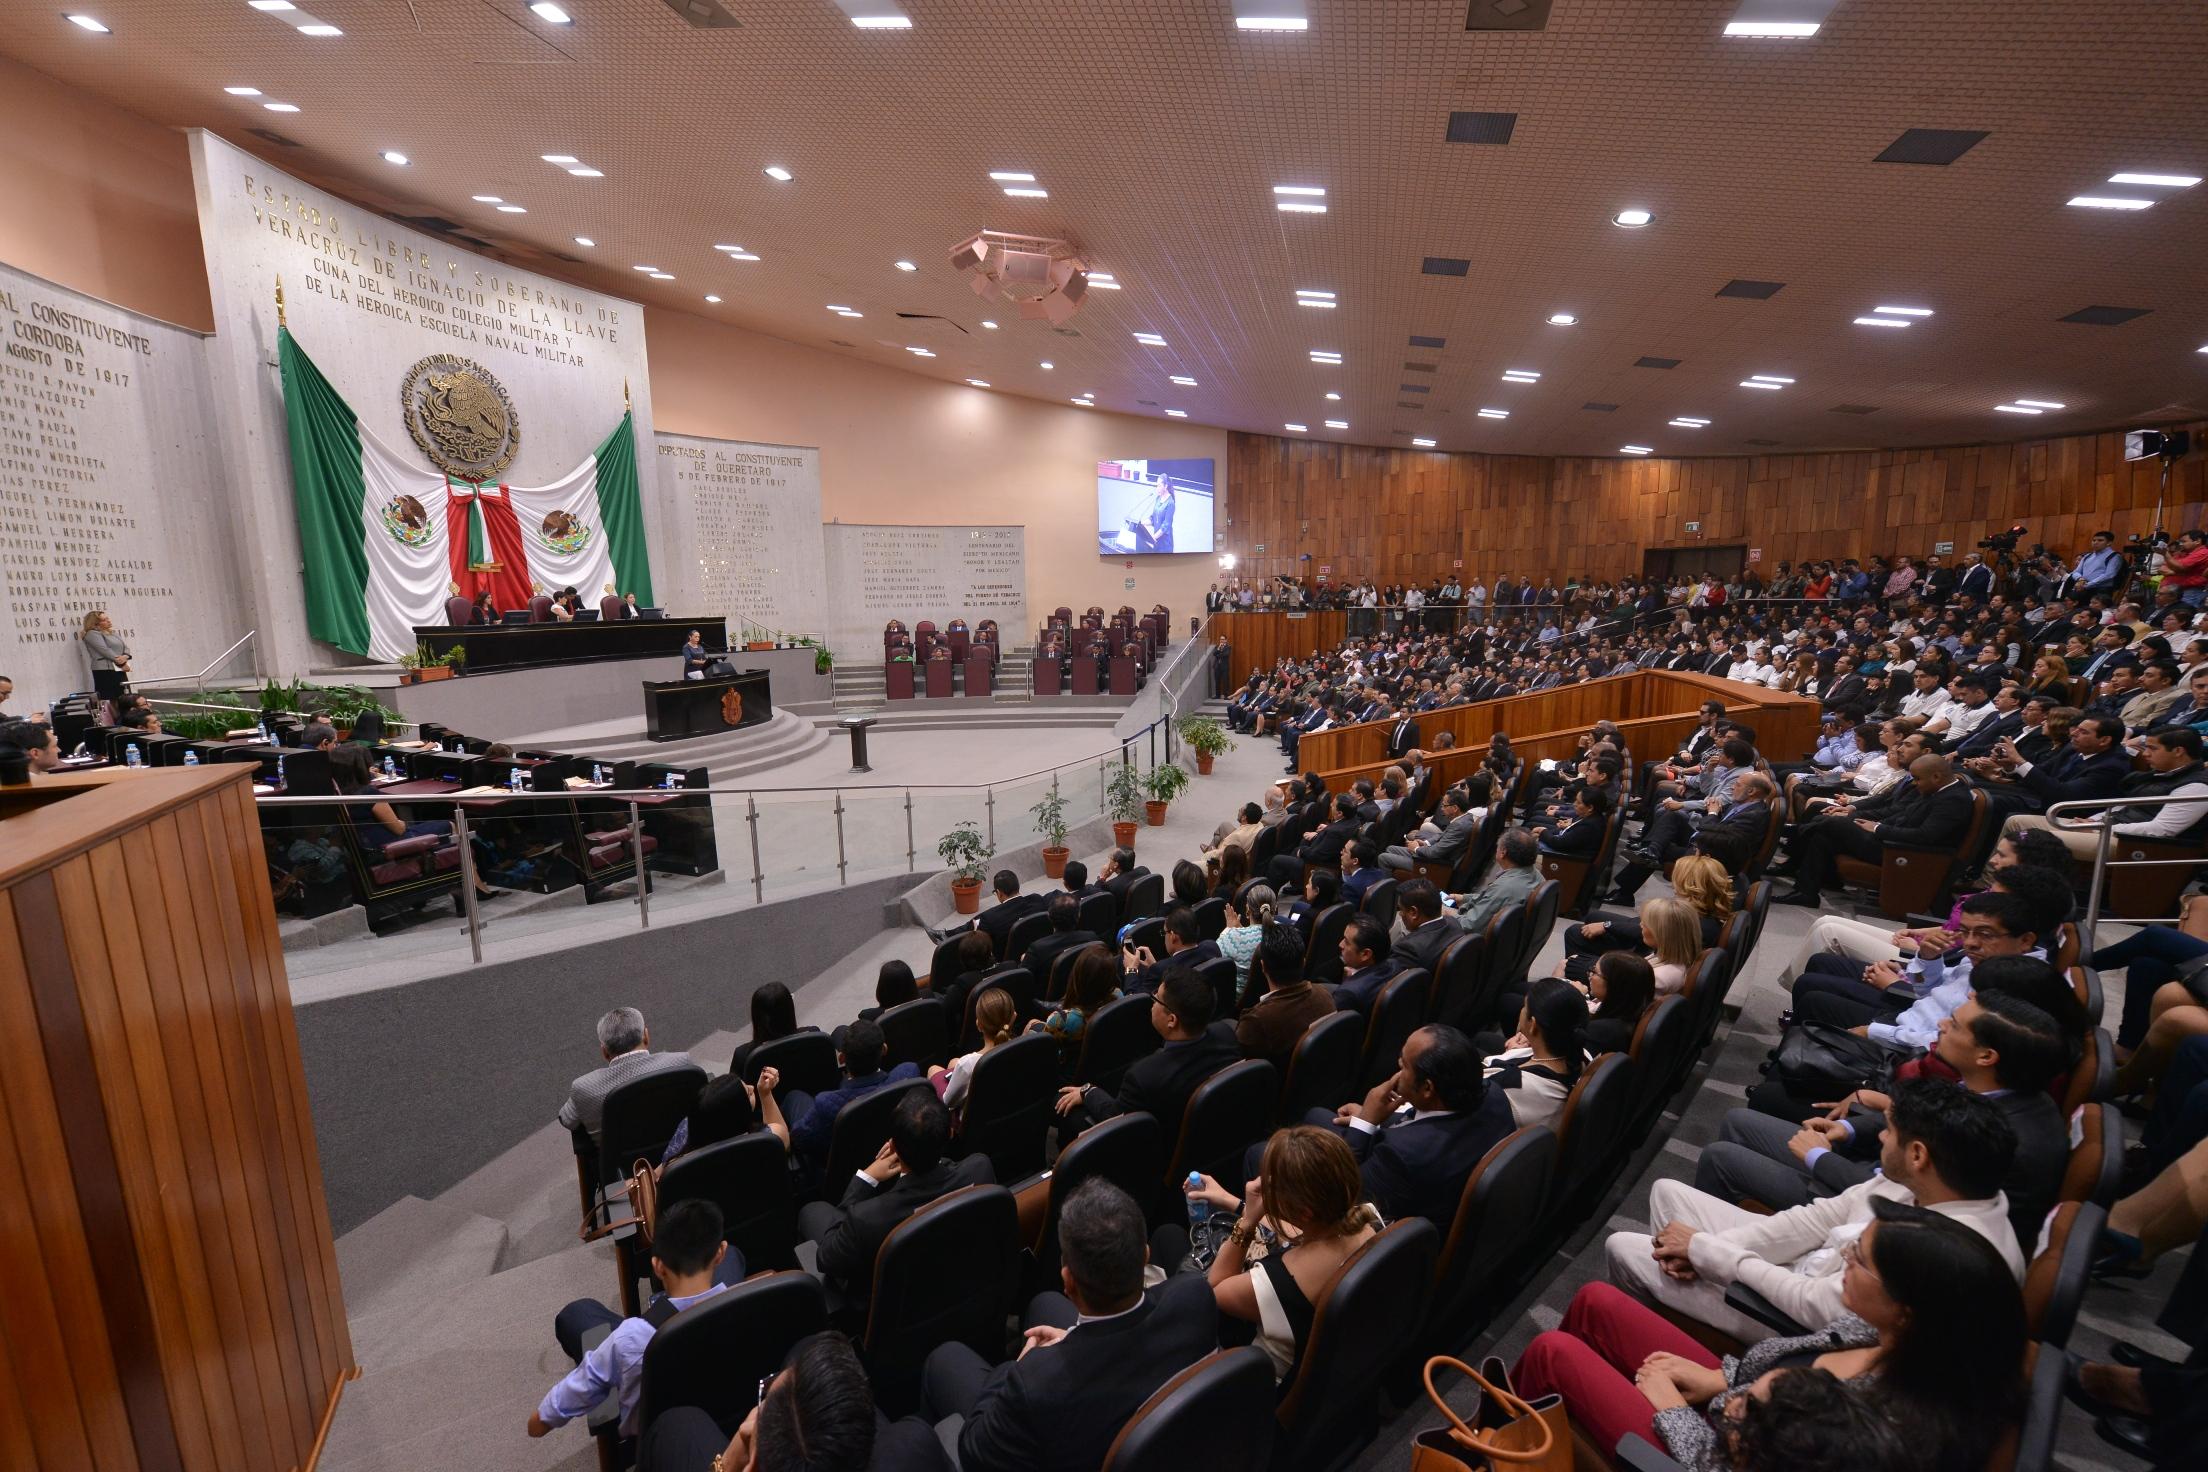 Presupuesto del Congreso de Veracruz aumentaría 58 mdp en 2019